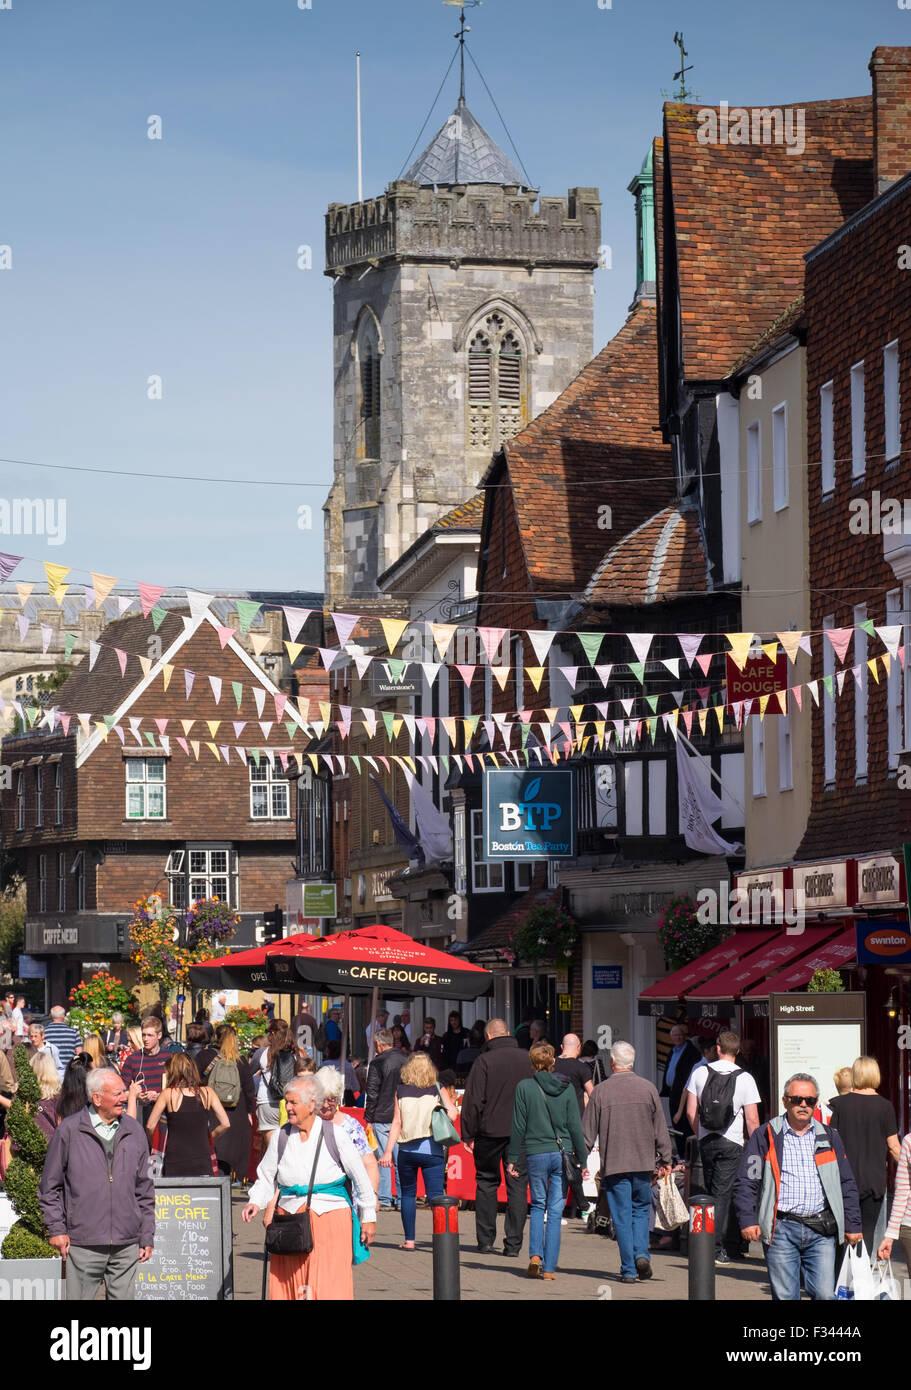 Gli amanti dello shopping in Salisbury High Street, Salisbury, Wiltshire, Regno Unito Immagini Stock